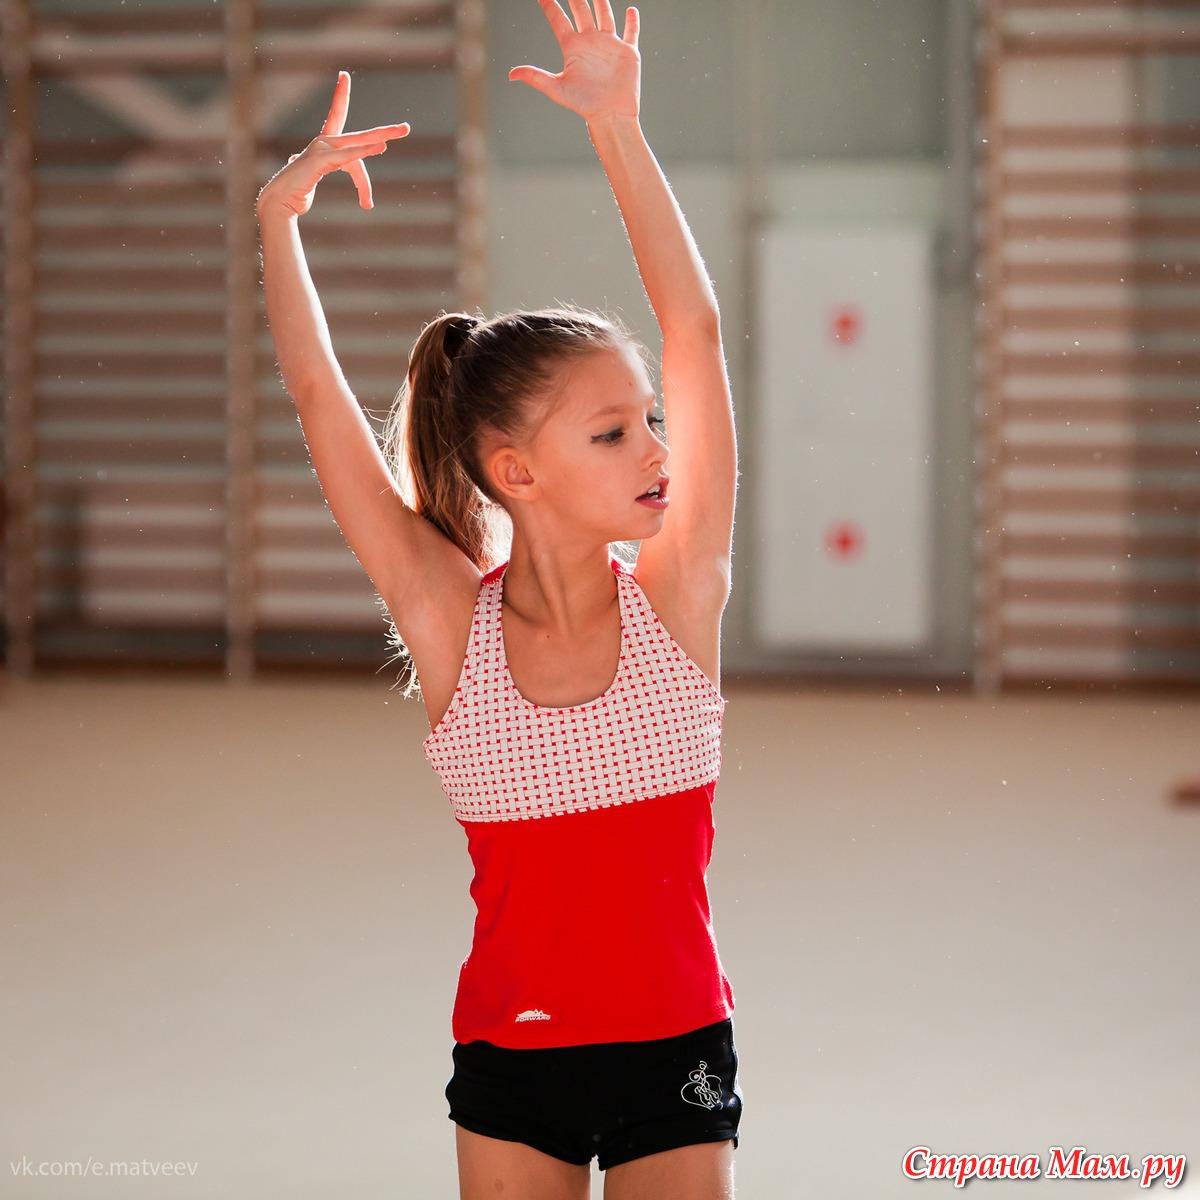 Онлайн эротический балет